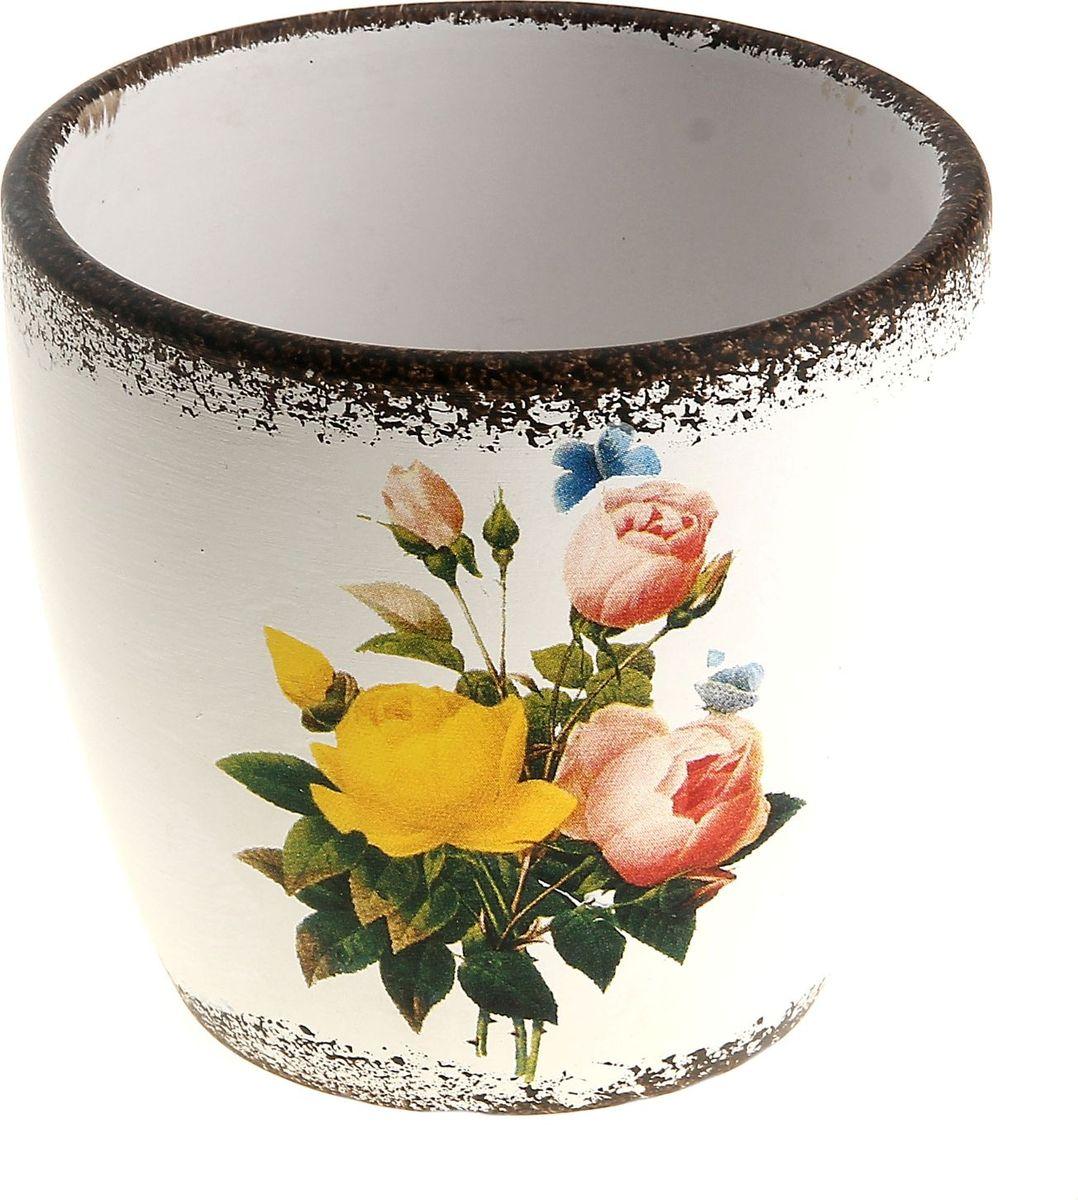 Кашпо Розы, 7 х 10 х 9 см829700Комнатные растения — всеобщие любимцы. Они радуют глаз, насыщают помещение кислородом и украшают пространство. Каждому из них необходим свой удобный и красивый дом. Кашпо из керамики прекрасно подходят для высадки растений: за счет пластичности глины и разных способов обработки существует великое множество форм и дизайнов пористый материал позволяет испаряться лишней влаге воздух, необходимый для дыхания корней, проникает сквозь керамические стенки! Позаботится о зеленом питомце, освежит интерьер и подчеркнет его стиль.